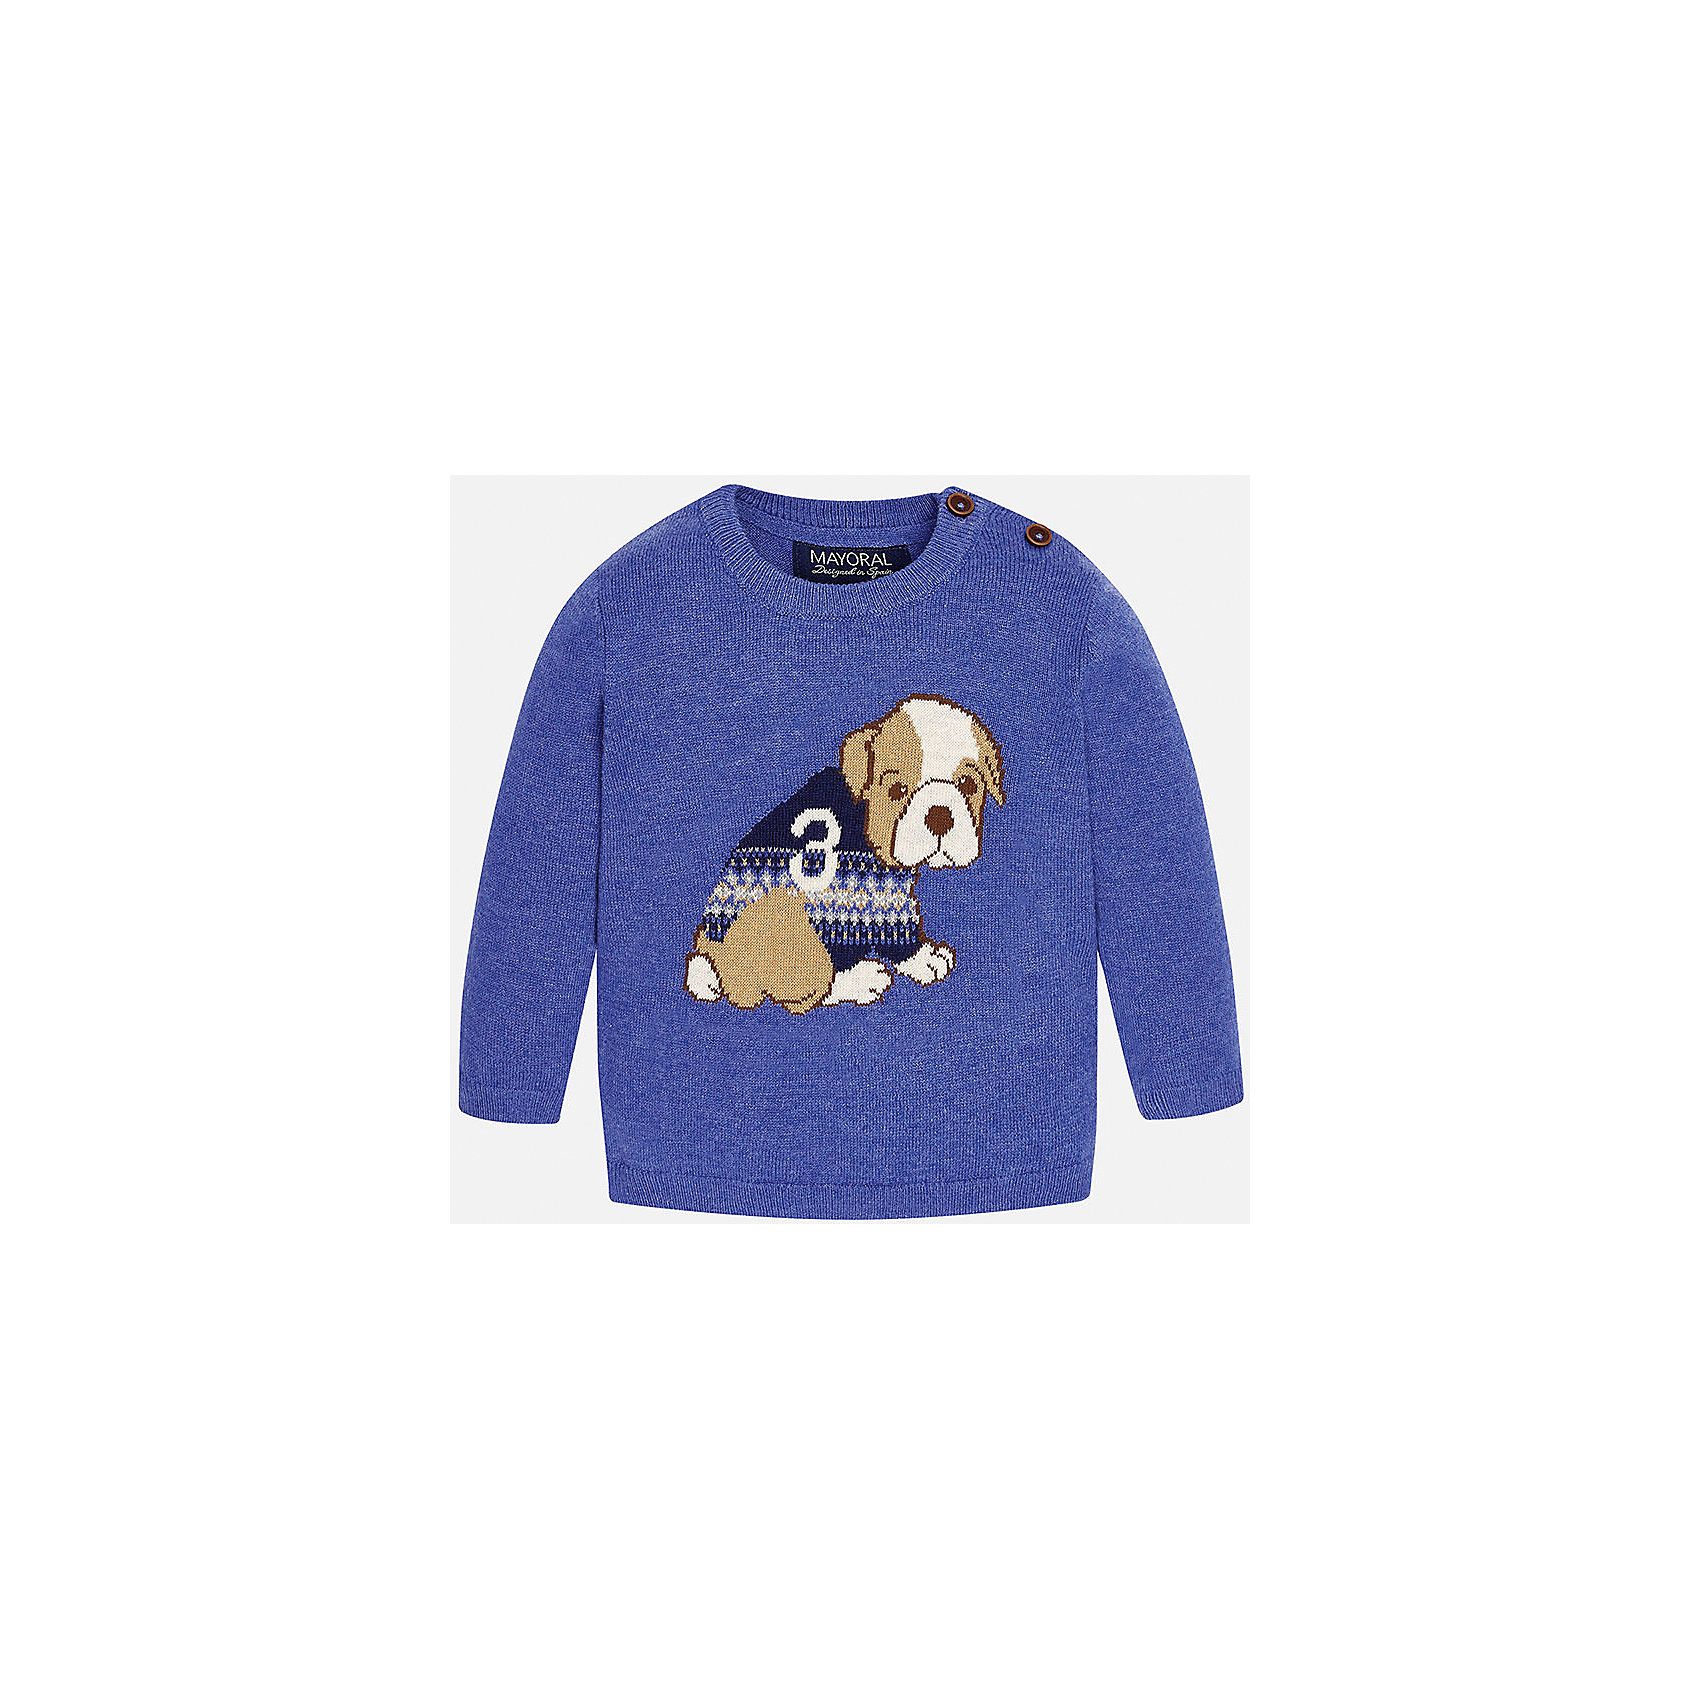 Свитер для мальчика MayoralТолстовки, свитера, кардиганы<br>Свитер для мальчика от известного испанского бренда Mayoral. Изготовлен из качественных дышащих материалов. Имеет 2 пуговицы у ворота и рисунок с собакой спереди. Прекрасный вариант на каждый день!<br>Дополнительная информация:<br>-прямой силуэт<br>-длинные рукава<br>-2 крупных пуговицы у ворота<br>-цвет: фиолетовый<br>-состав: 60% хлопок, 30% полиамид, 10% шерсть<br>Свитер Mayoral можно приобрести в нашем интернет-магазине<br><br>Ширина мм: 190<br>Глубина мм: 74<br>Высота мм: 229<br>Вес г: 236<br>Цвет: фиолетовый<br>Возраст от месяцев: 18<br>Возраст до месяцев: 24<br>Пол: Мужской<br>Возраст: Детский<br>Размер: 92,74,86,80<br>SKU: 4820611